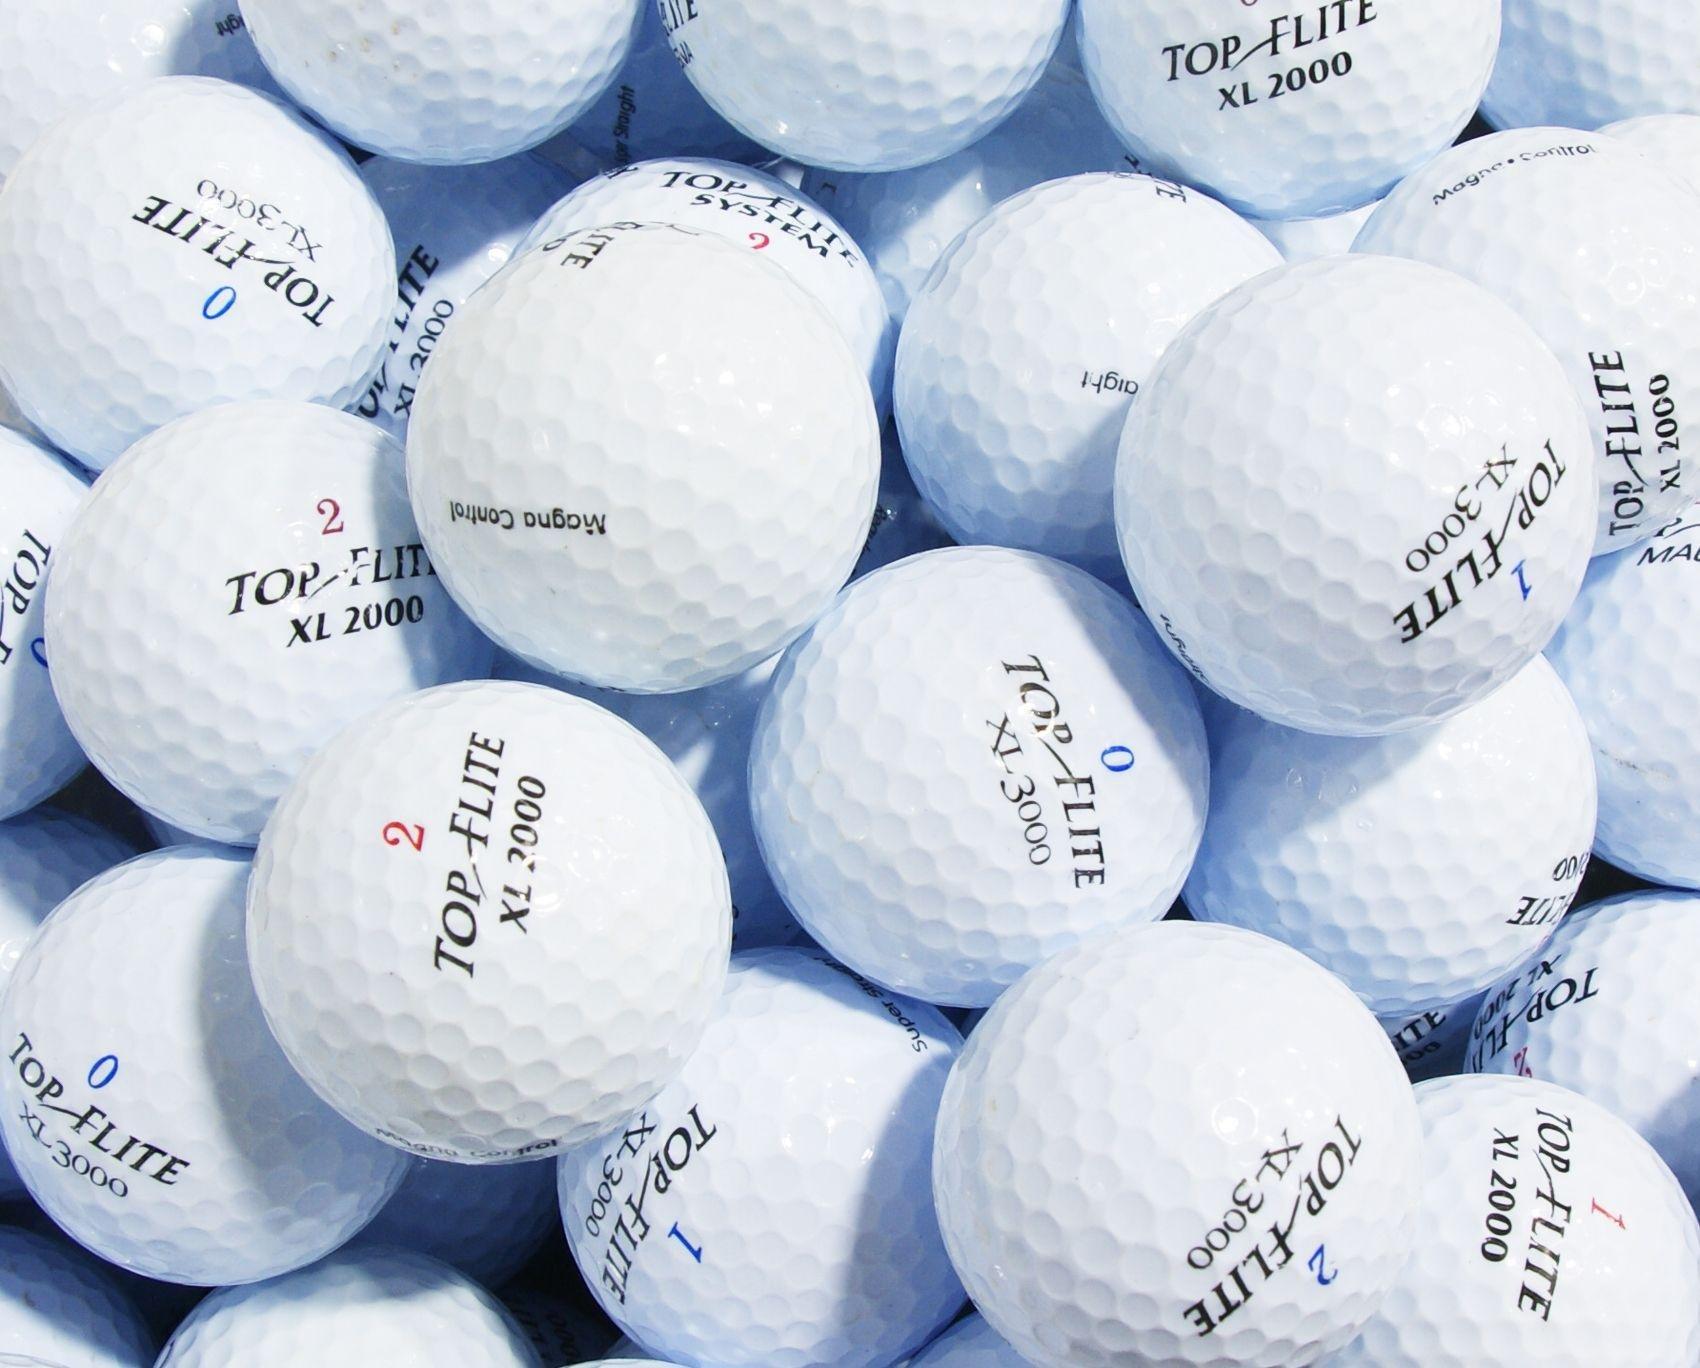 Top Flite 100 Lake Balls in a Box.